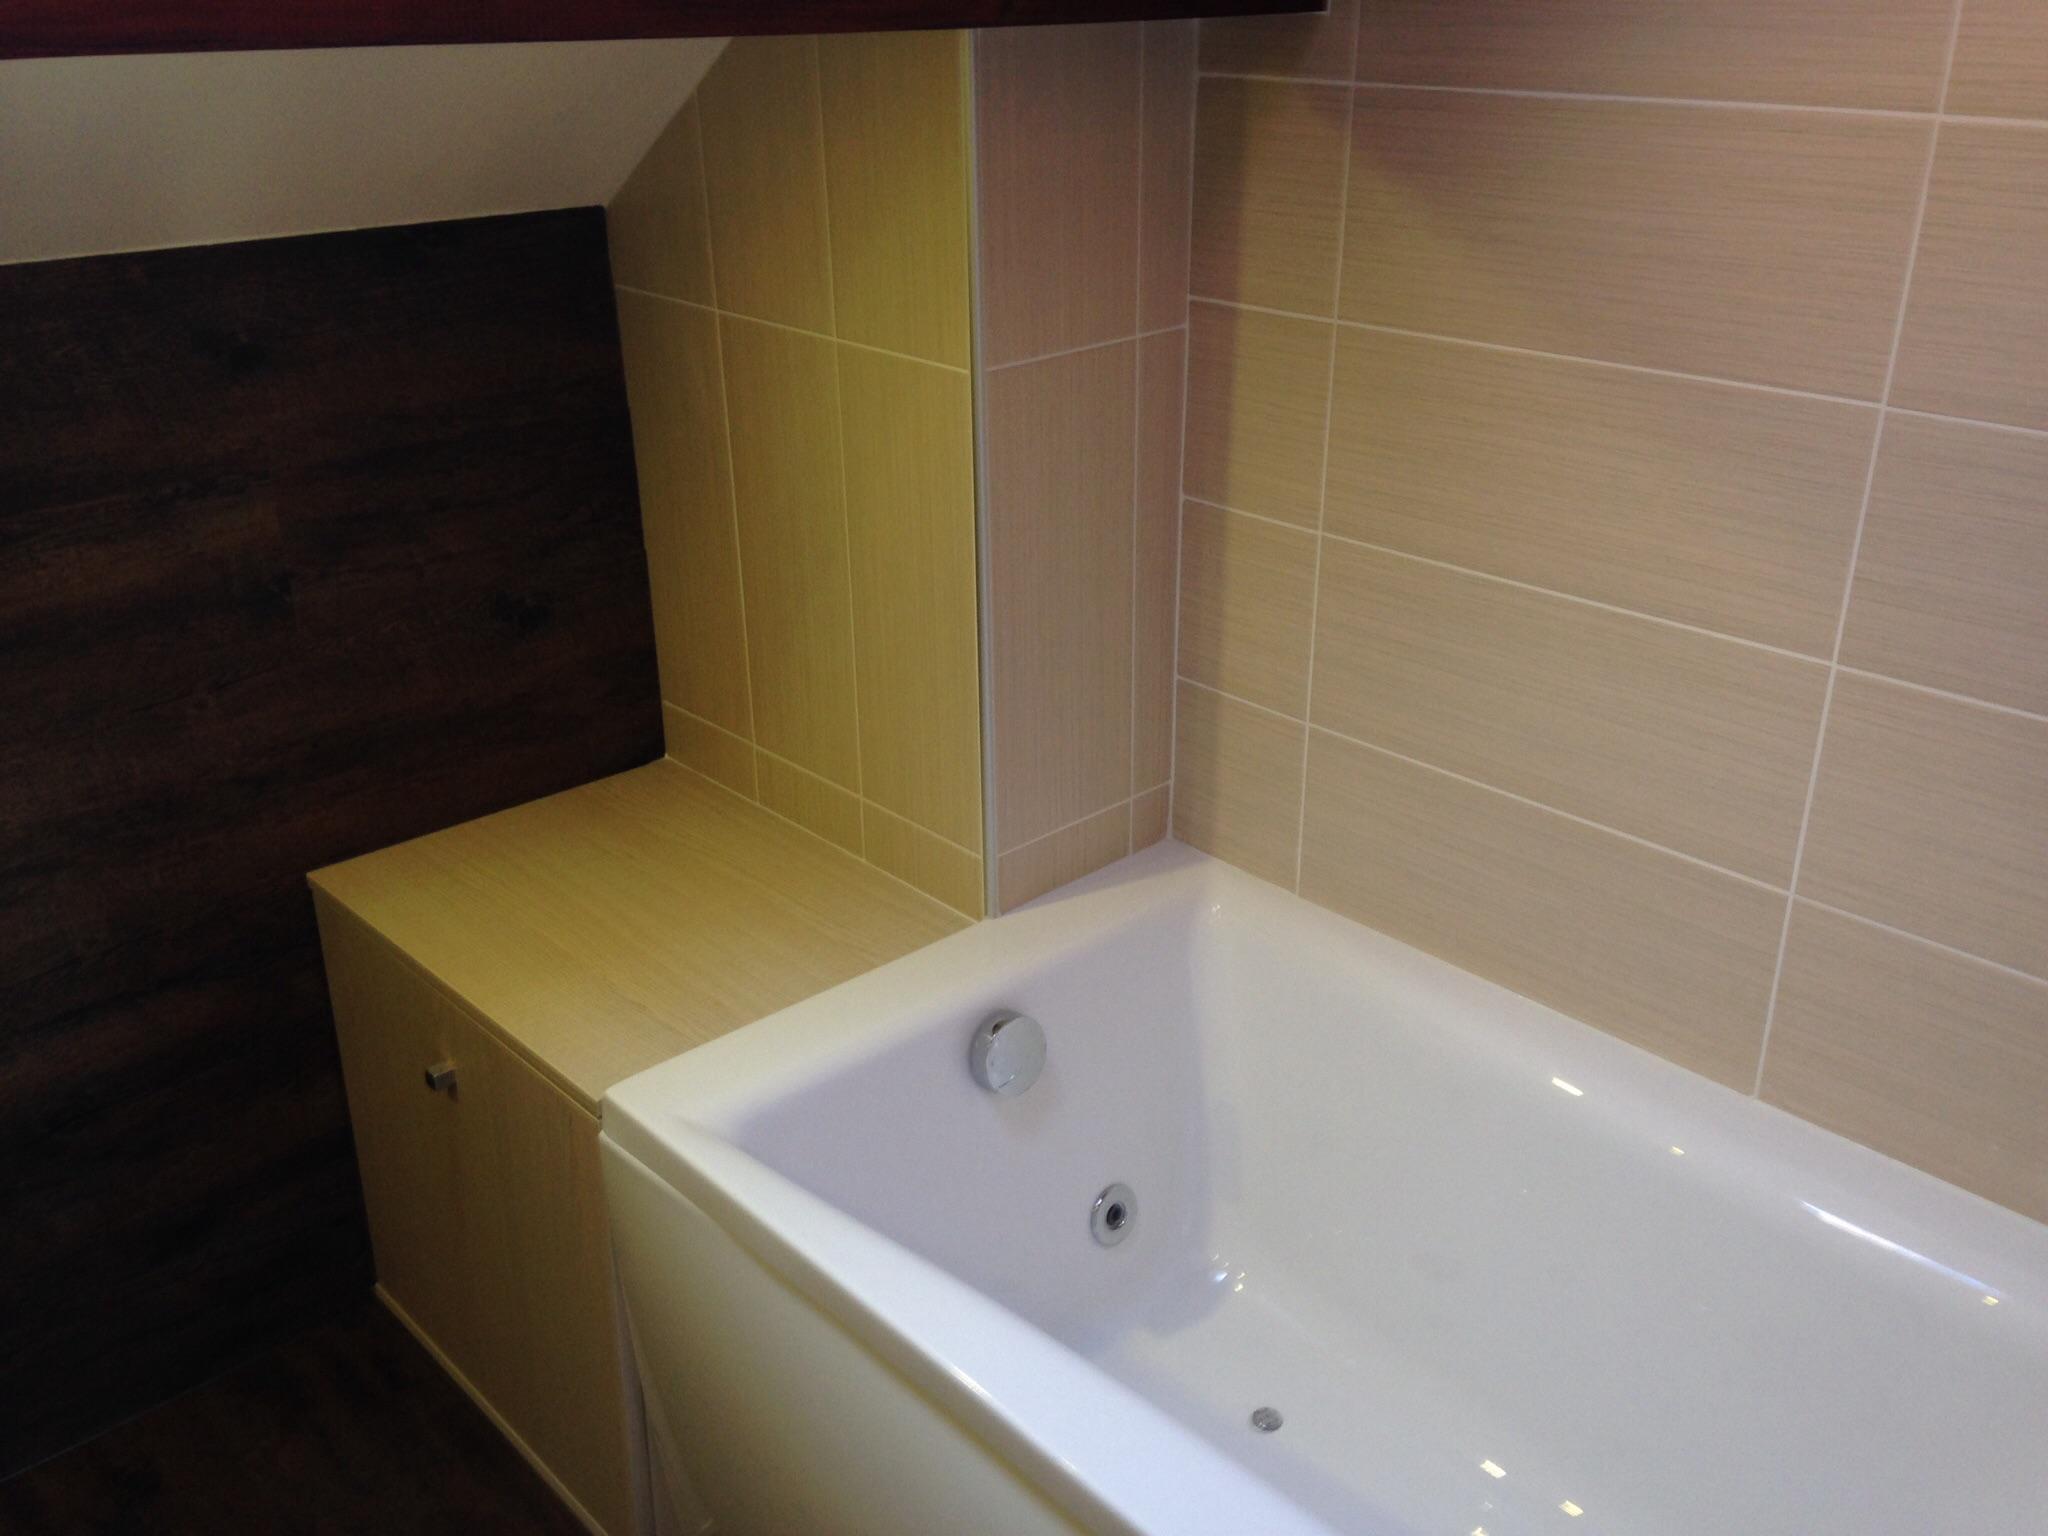 Meuble de salle de bain sur mesure annemasse haute savoie 74 - Magasin salle de bain annemasse ...